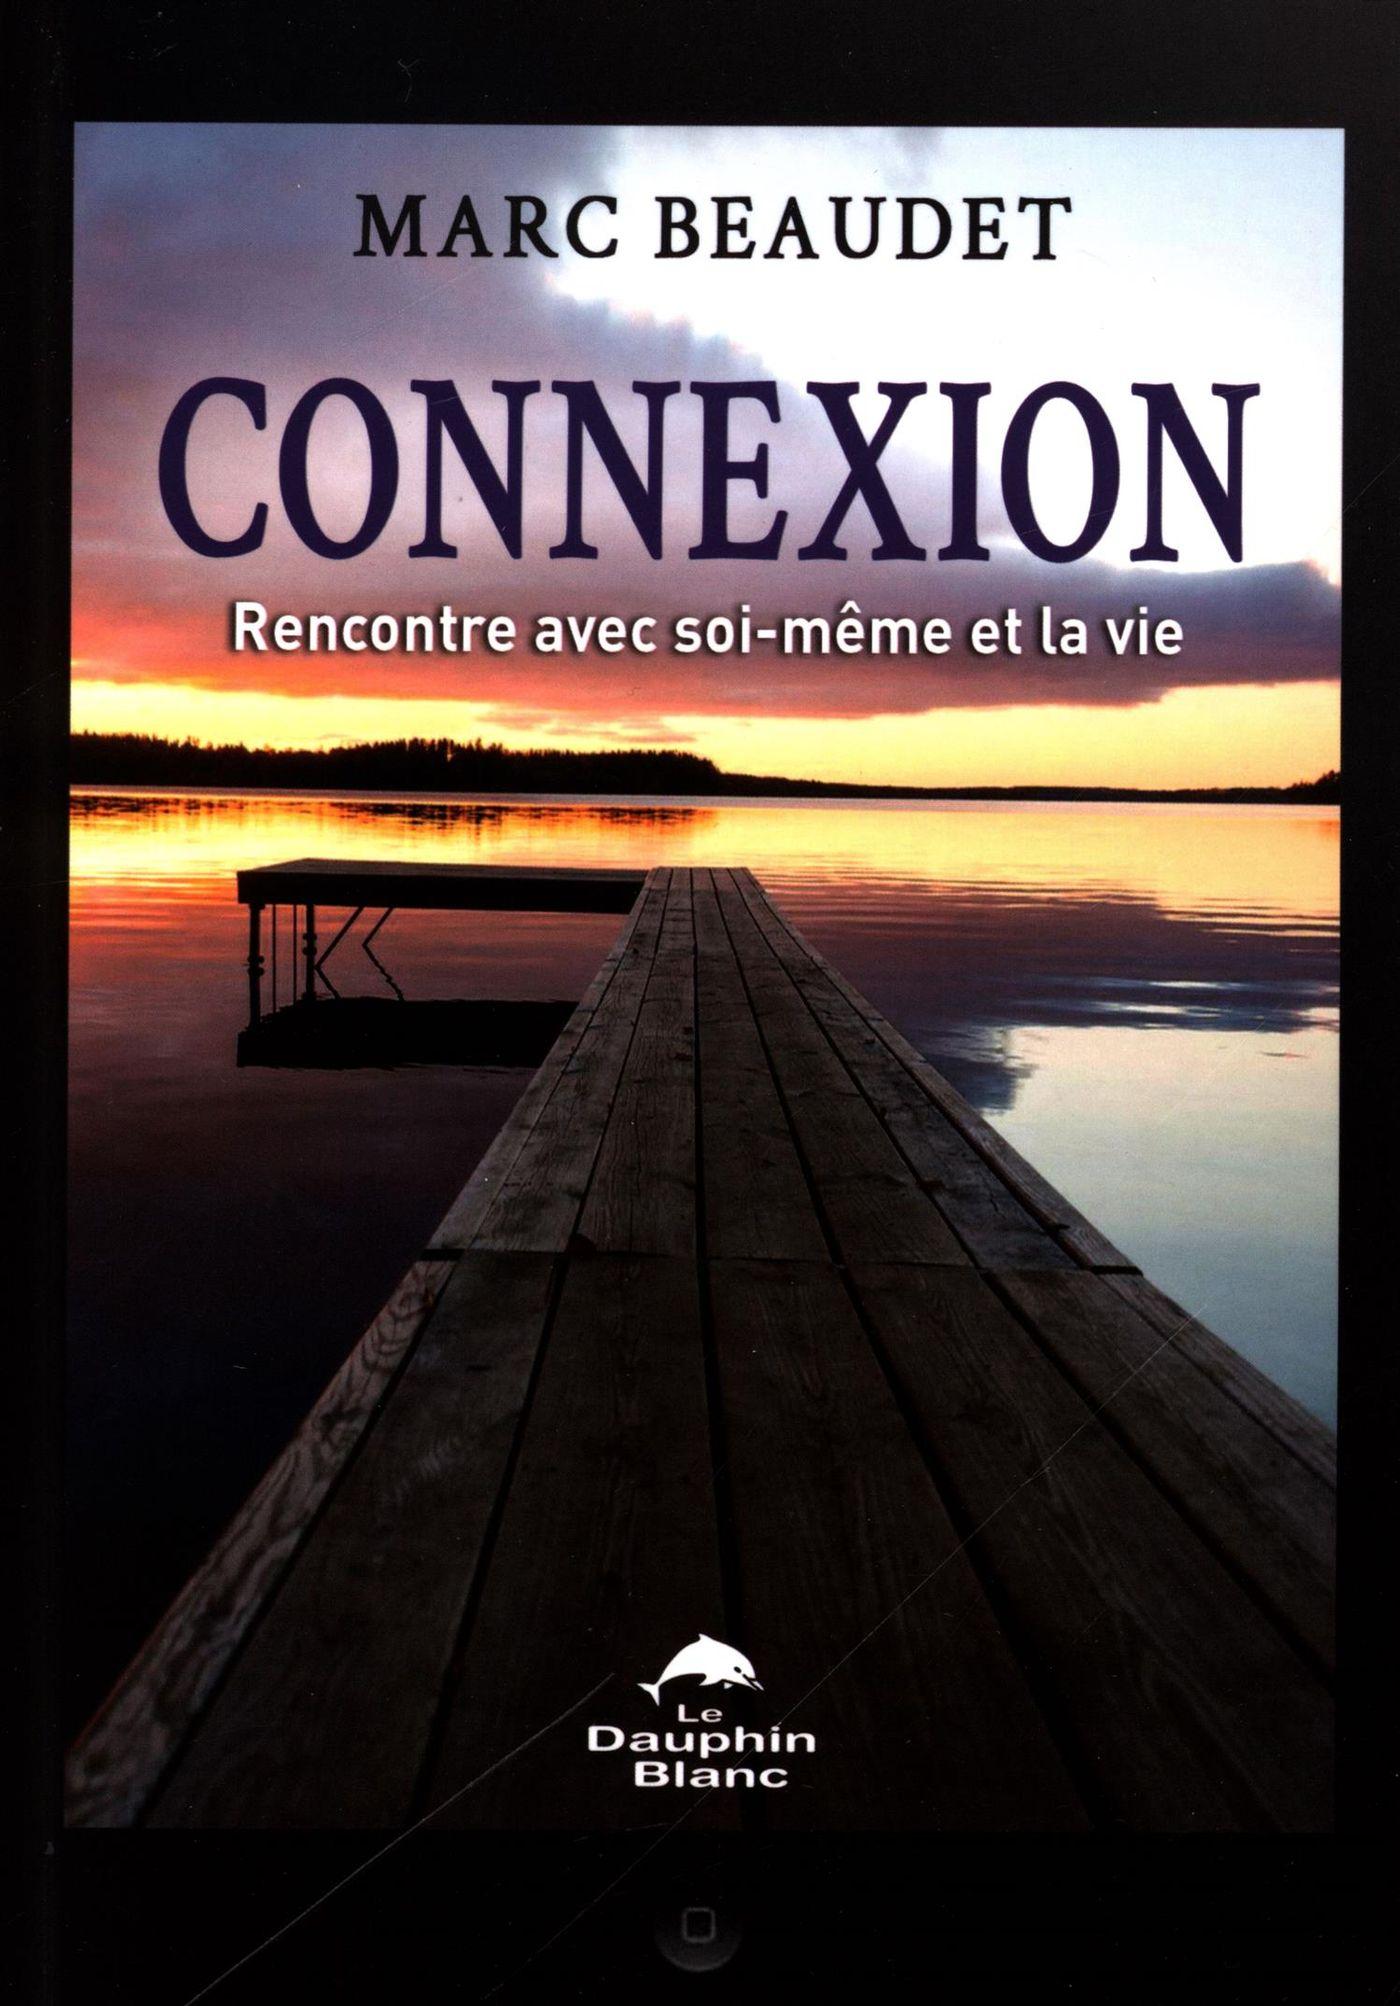 Connexion : Rencontre avec soi-même et la vie